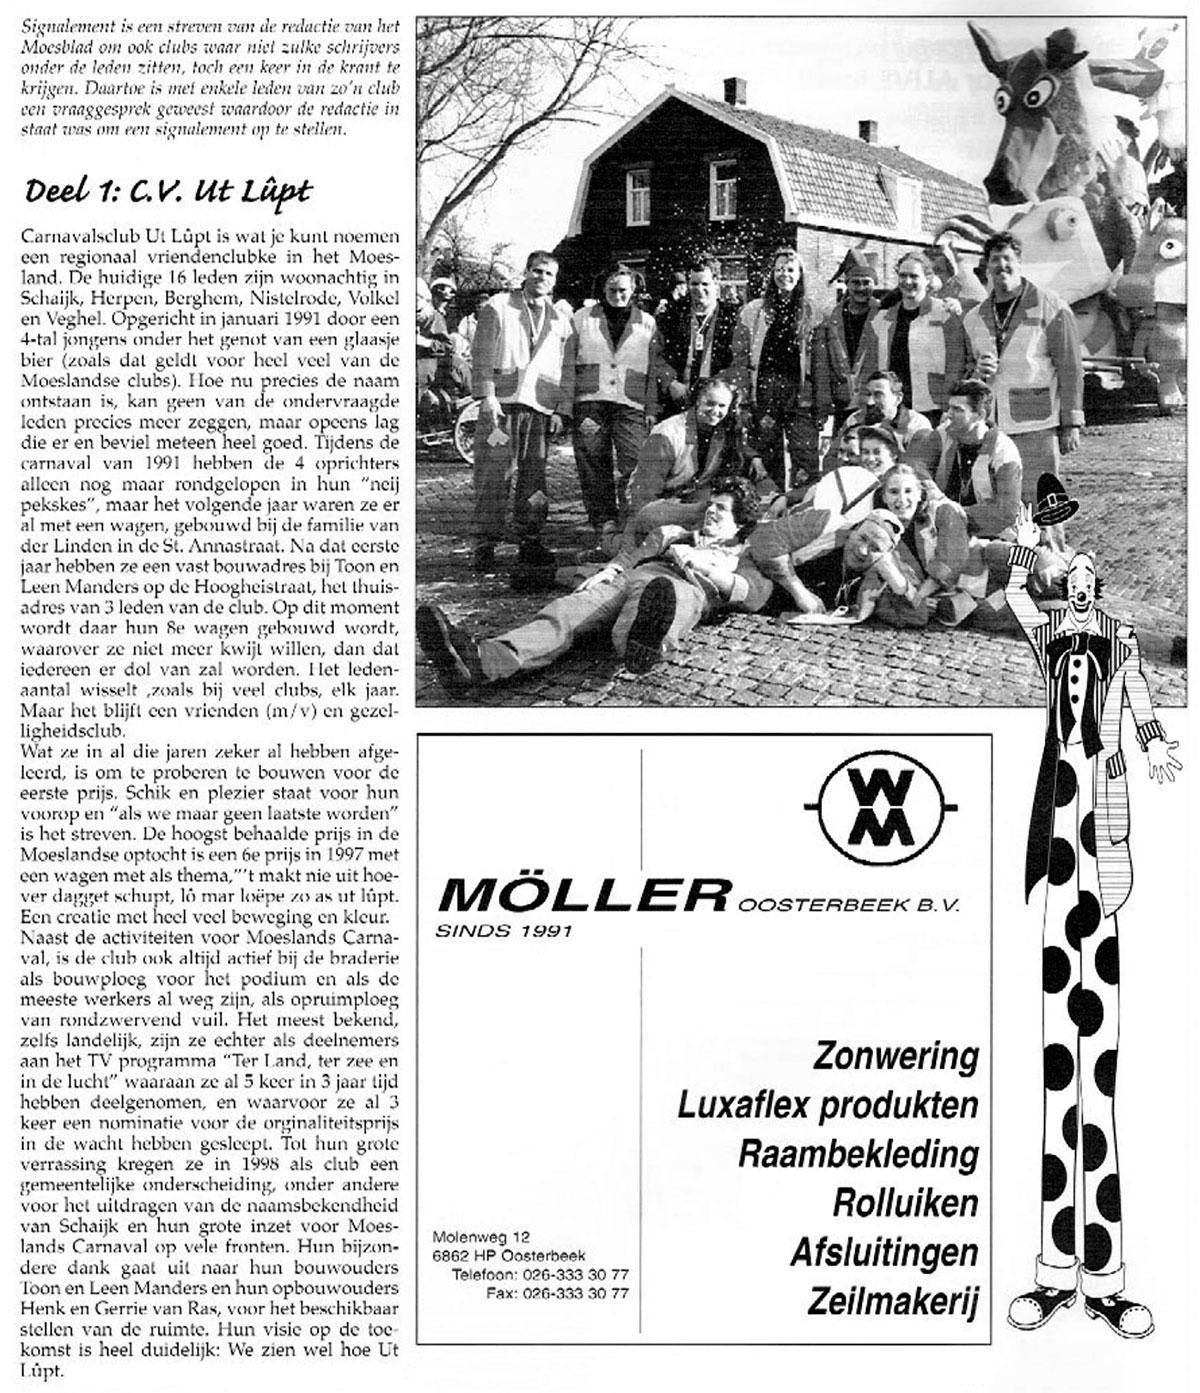 Stukje van Ut Lupt uit de carnavalskrant van Schaijk - 1999